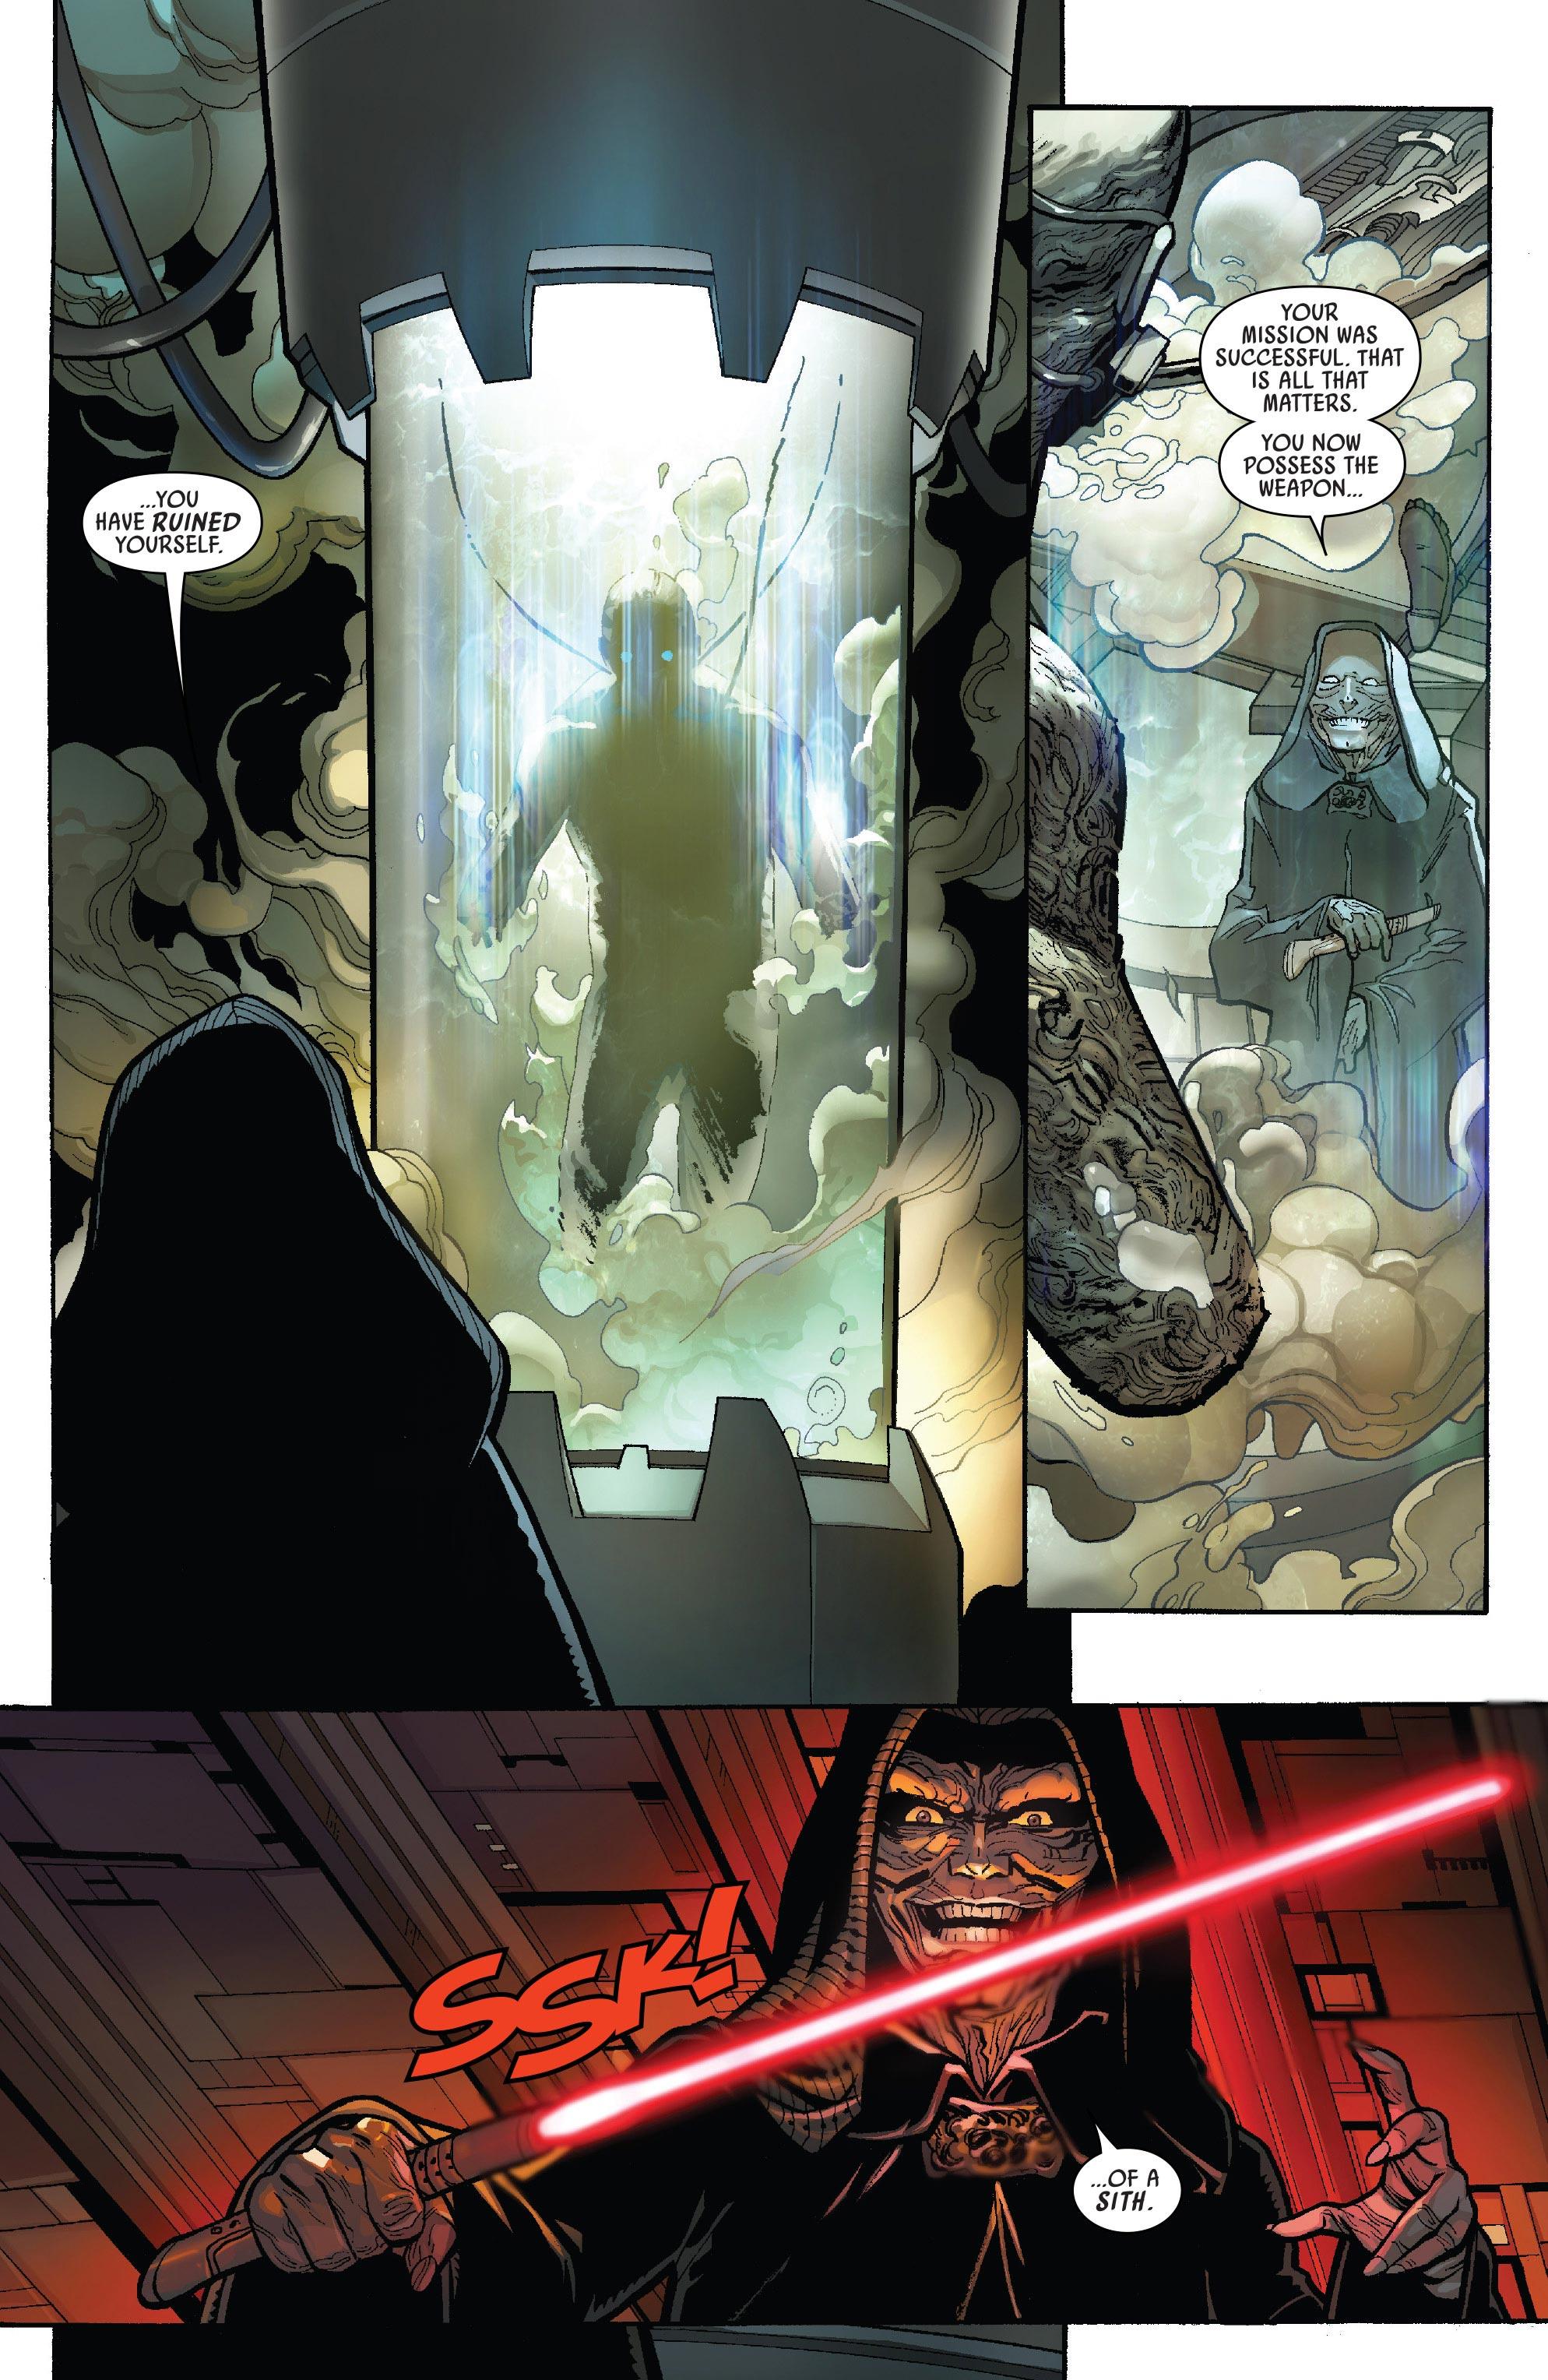 Darth Vader Repairs His Own Body Armor